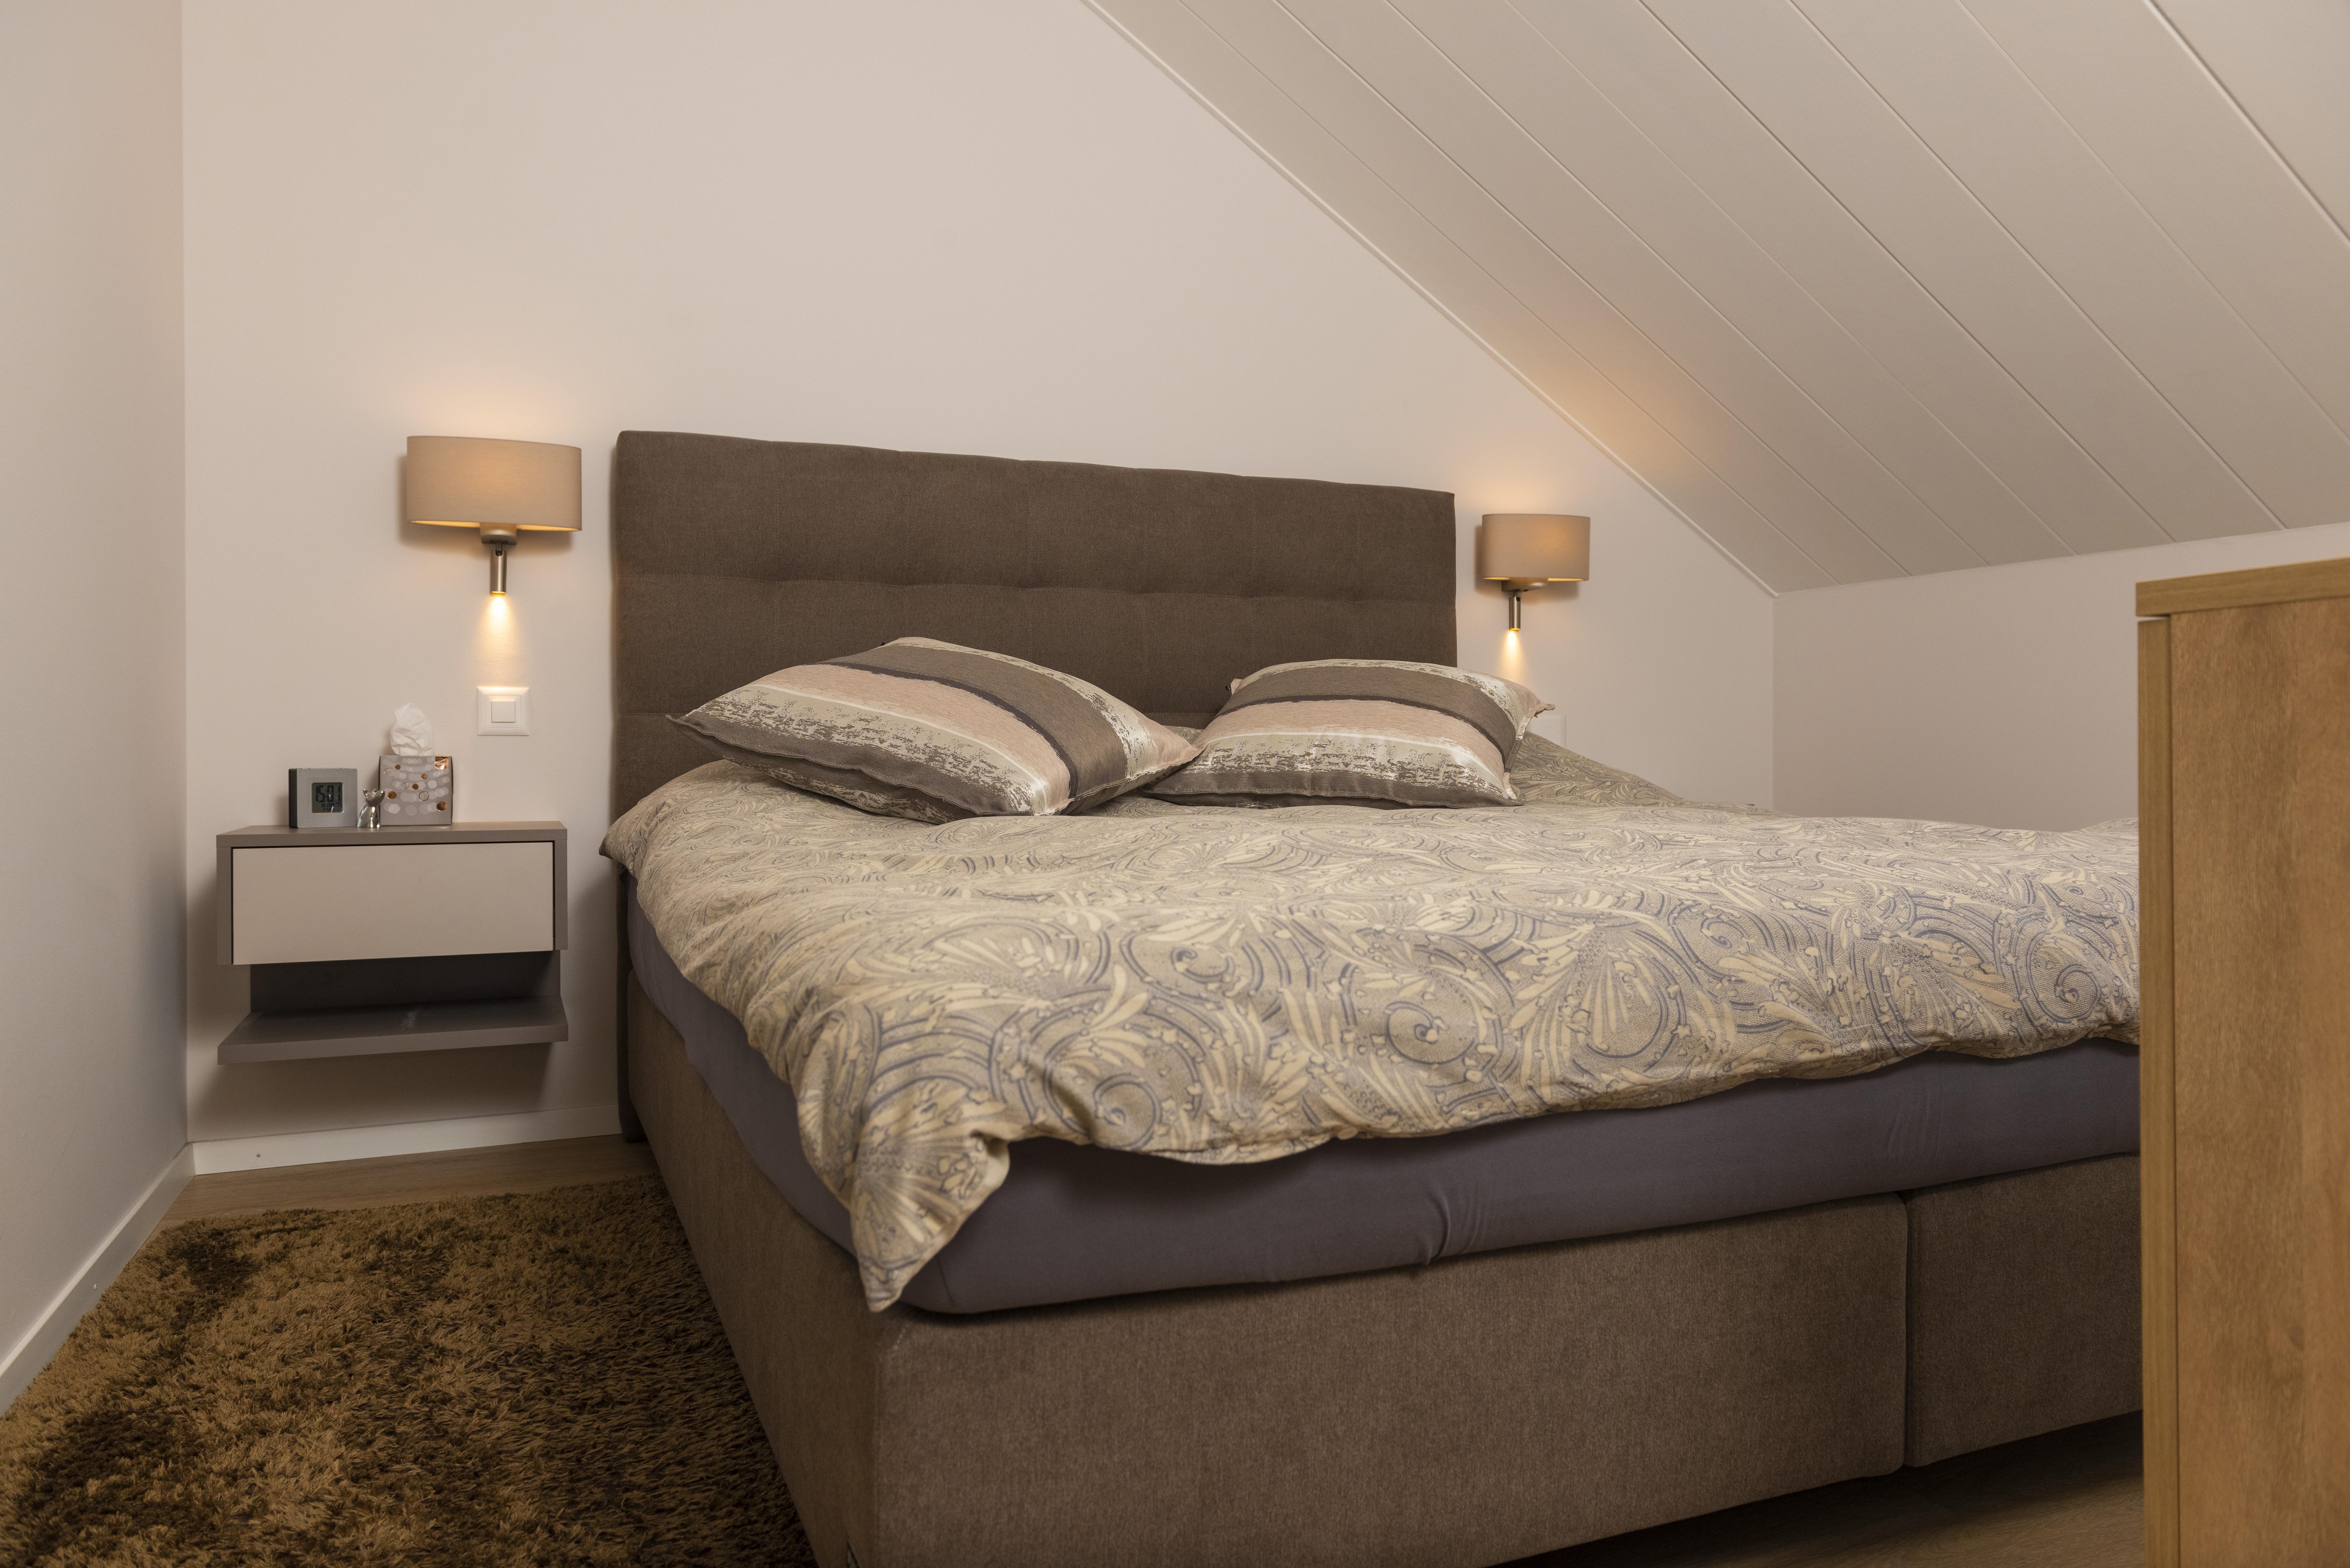 Faire Une Tete De Lit Avec Du Parquet Flottant tête de lit : toutes nos solutions sur-mesure